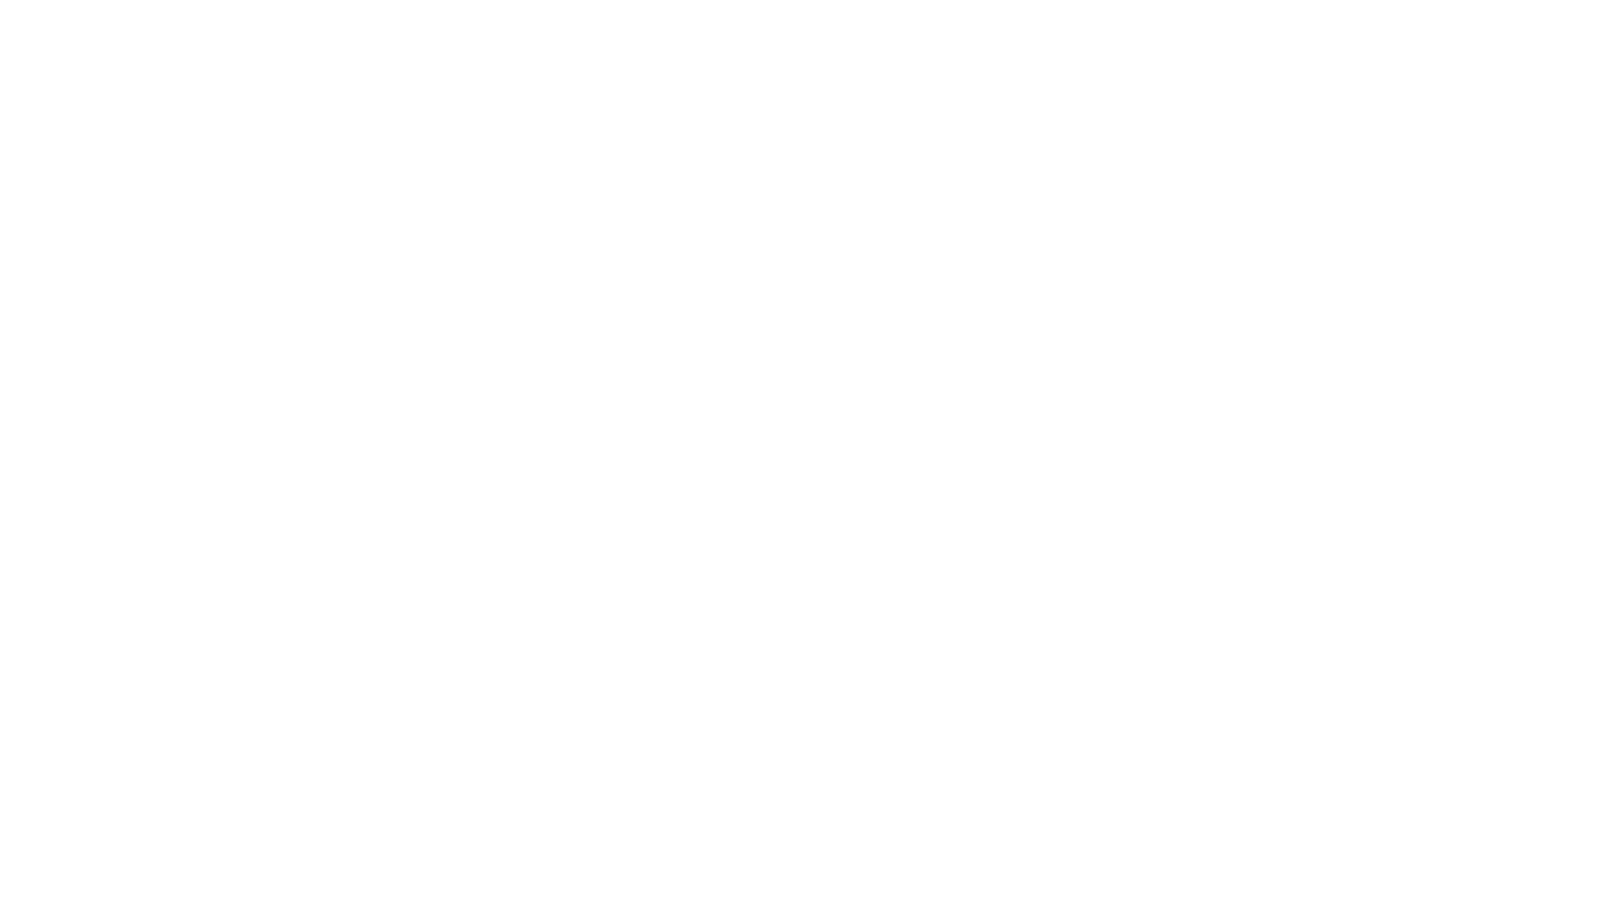 FRANÇA -  Saint Émilion a terra do vinho Bordeaux   Foi uma grande surpresa conhecer essa cidade da França que é encantadora. Acredito que Saint Émilion é uma das cidades mais antigas que já visitamos, ela é do século 2 antes de cristo. Nesta época os Romanos estiveram alí plantando vinhedos no que é o hoje o centro da produção do vinho Bordeaux.  Vale a pena conhecer essa cidade!    ❤❤❤   INSTAGRAM   ❤❤❤    DE MALA E DOG https://www.instagram.com/demalaedog/  RENAN FERRARI https://www.instagram.com/renan_ferrari/  FERNANDA COSTA https://www.instagram.com/drafernandacosta/  JESSY https://www.instagram.com/jessy_weim/    ❤ Inscreva-se en nosso canal      http://bit.ly/2mUytQb   ❤ Contato comercial:      contato@demalaedog.com   ❤ Apoie nosso canal e contribua para criação de novos vídeos.      http://www.paypal.me/DeMalaeDog   ❤ Siga nossa viagem pelas Redes sociais            FACEBOOK       https://ww w.facebook.com/demalaedog       Confira os nossos posts no site com conteúdo exclusivo:      http://www.demalaedog.com   ❤ Videos que você irá gostar! ❤   ✈ Cachorro no avião vai junto com as malas?       https://www.youtube.com/watch?v=ssZPk2vyvPA   ✈ Como Levar seu cachorro para a Europa      https://www.youtube.com/watch?v=VdwoxtIeD7c  PARTE 1      https://www.youtube.com/watch?v=UHDlw1fZiKc  PARTE 2   ✈ Embarcando para Madrid - Espanha       https://www.youtube.com/watch?v=MSdcFgoAT4s&t=4s PARTE 1       https://www.youtube.com/watch?v=J1BQQJ1y1bs  PARTE 2       https://www.youtube.com/watch?v=RmLcTmpEw_U PARTE 3    ✈ Chegando em La Coruña - Galícia - Espanha      https://www.youtube.com/watch?v=2UDoIoxfCNs   ✈ Carnaval na Espanha       https://www.youtube.com/watch?v=Q4mijQI_J_Q  #frança #paris #turismo